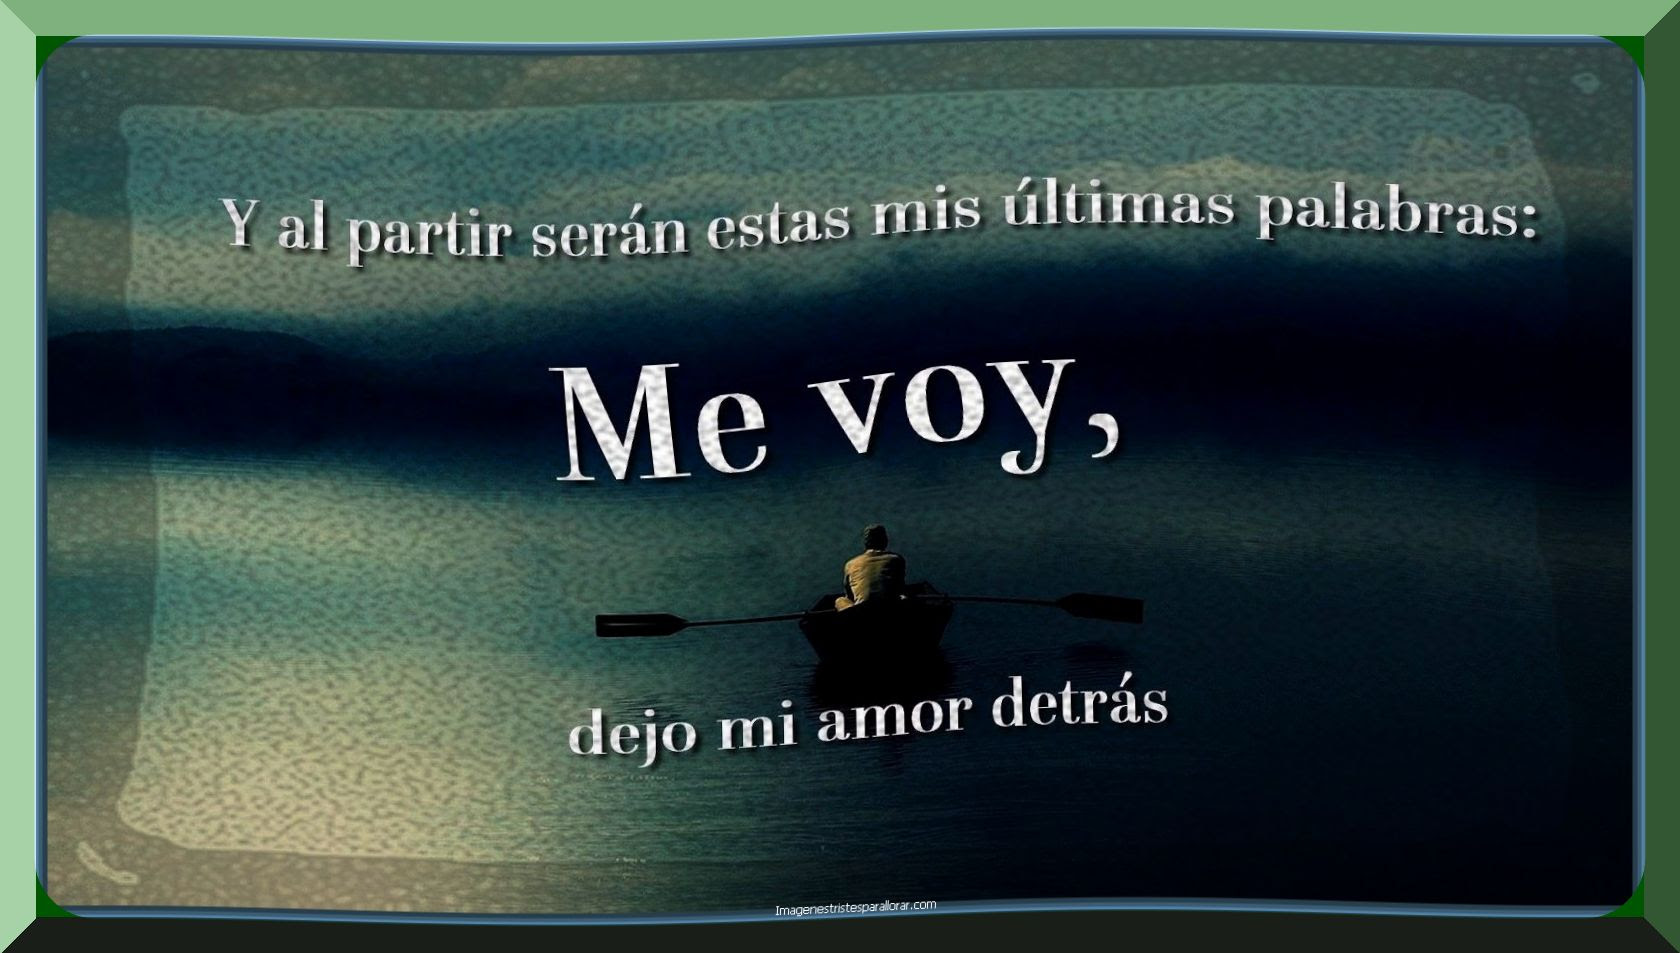 Frases Tristes Para Facebook Fotos De Amor Imagenes De Amor